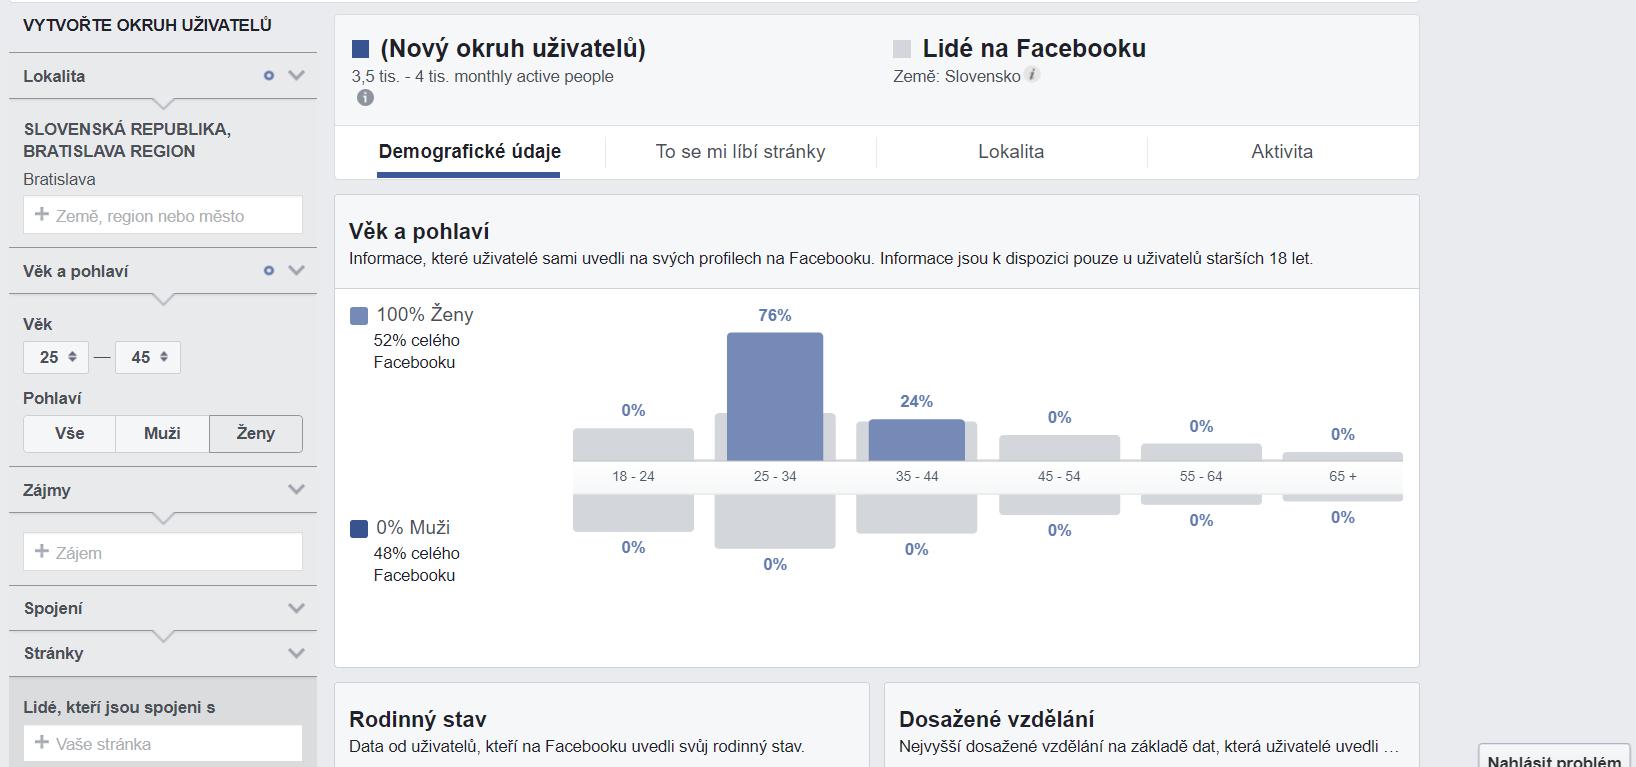 Vlastne publikum Facebook